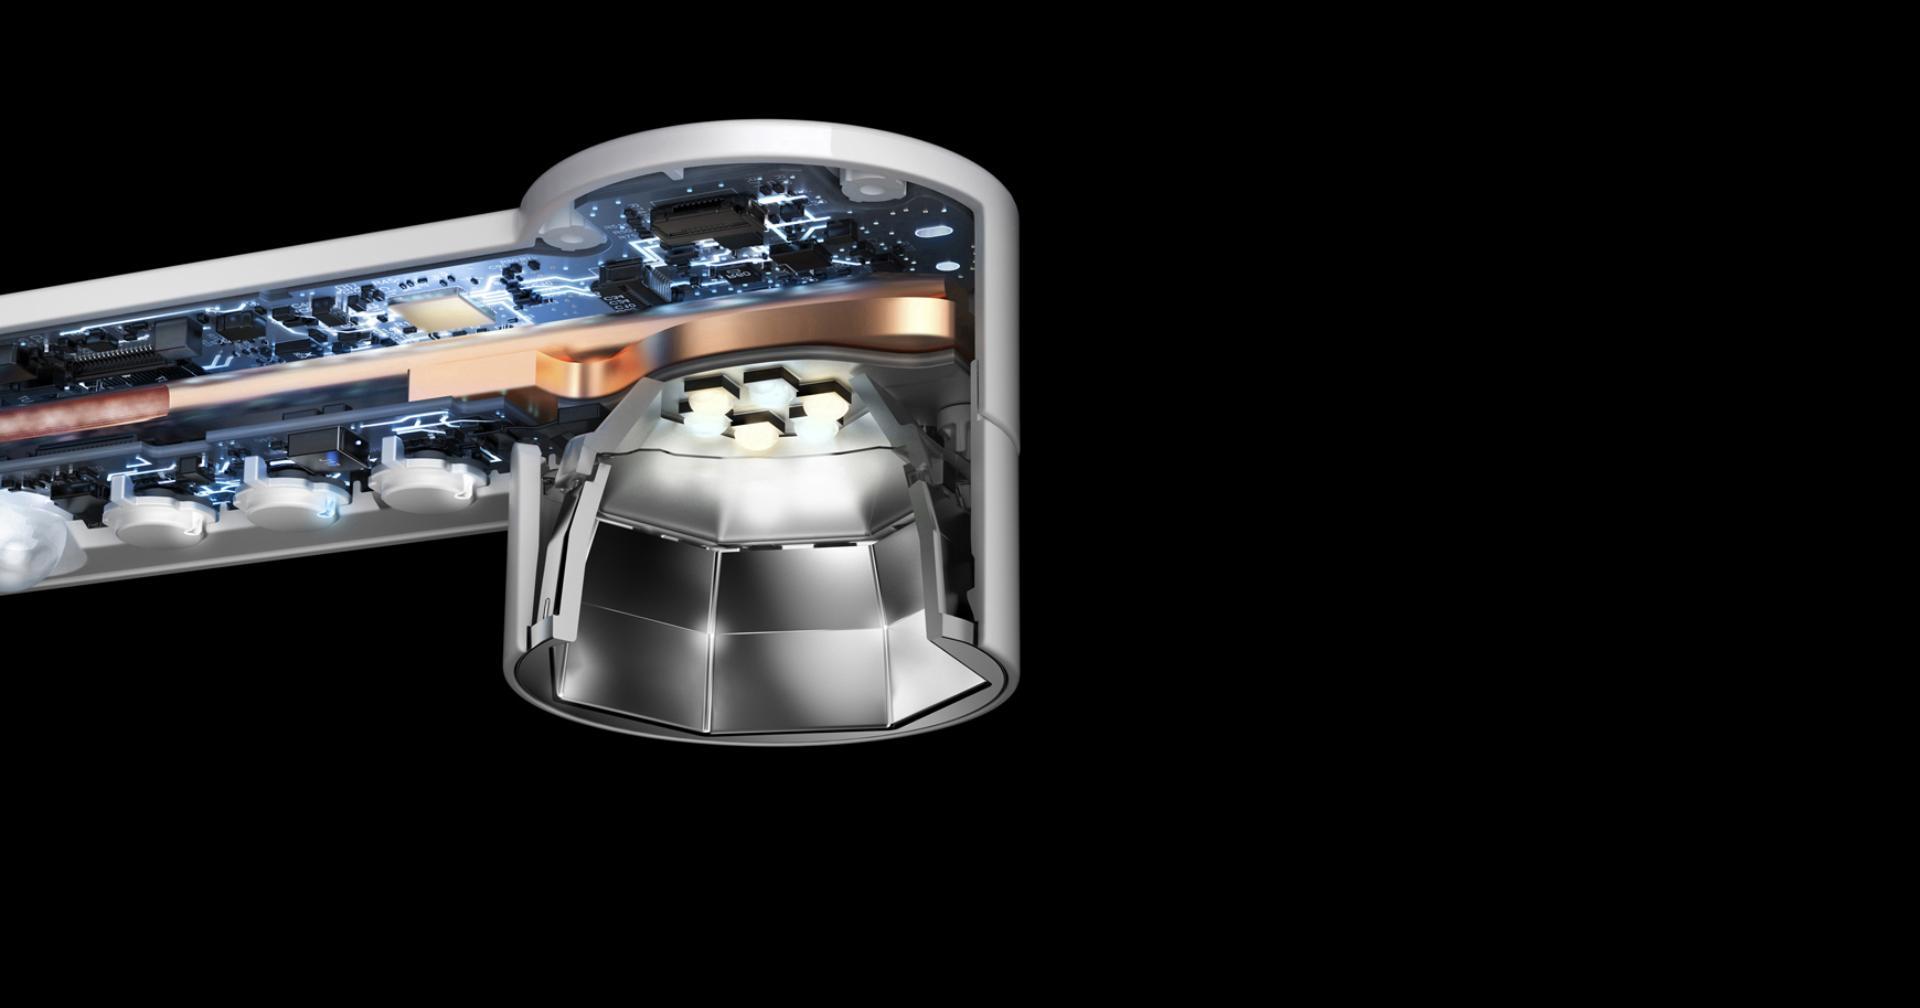 다이슨 라이트 싸이클™ 테스크 조명에 사용된 히트 파이프 기술